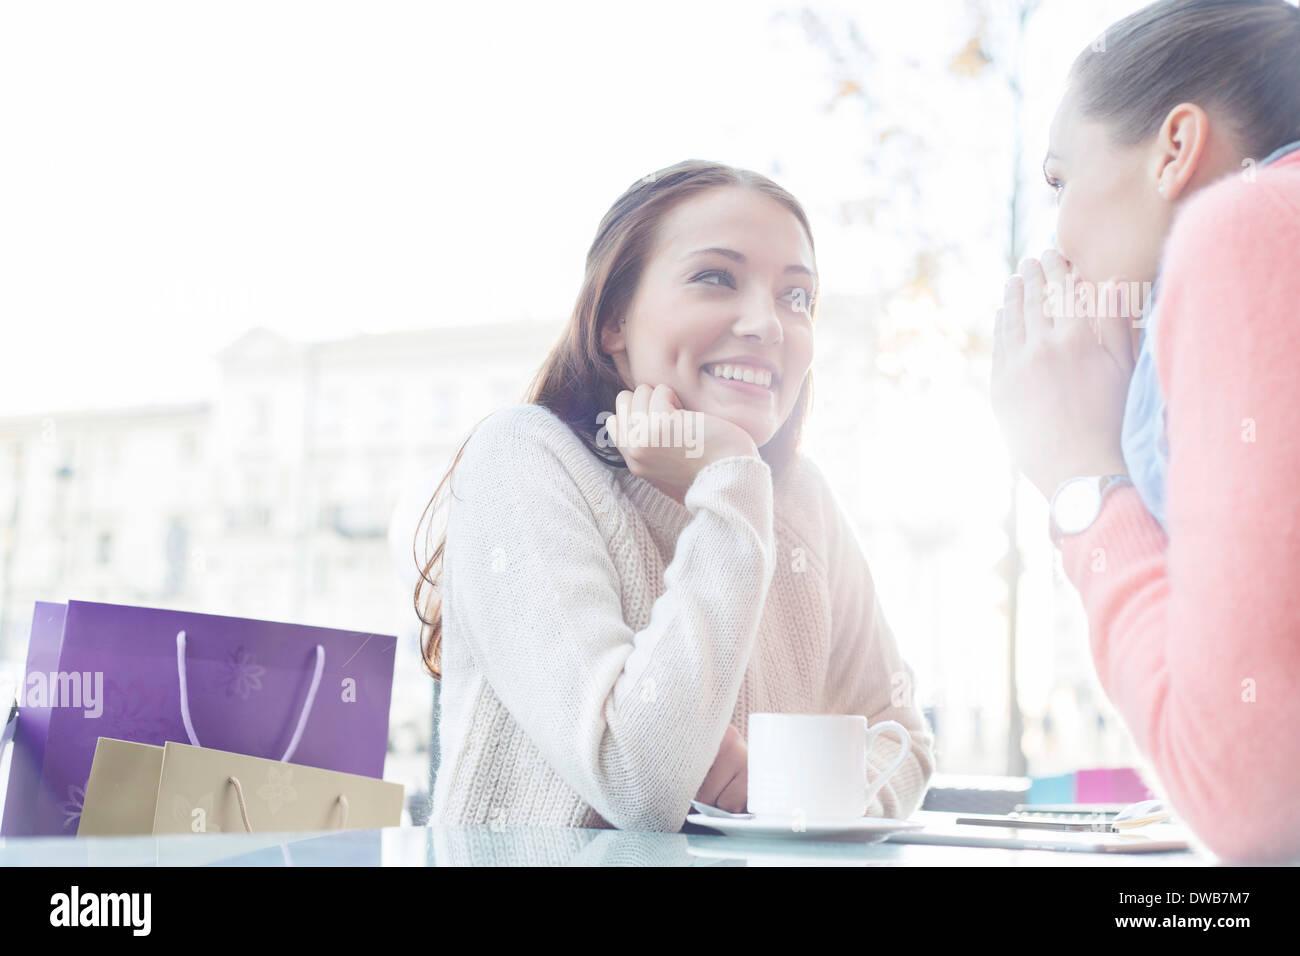 Bella giovane donna guardando amico segreti di condivisione in outdoor cafe Immagini Stock